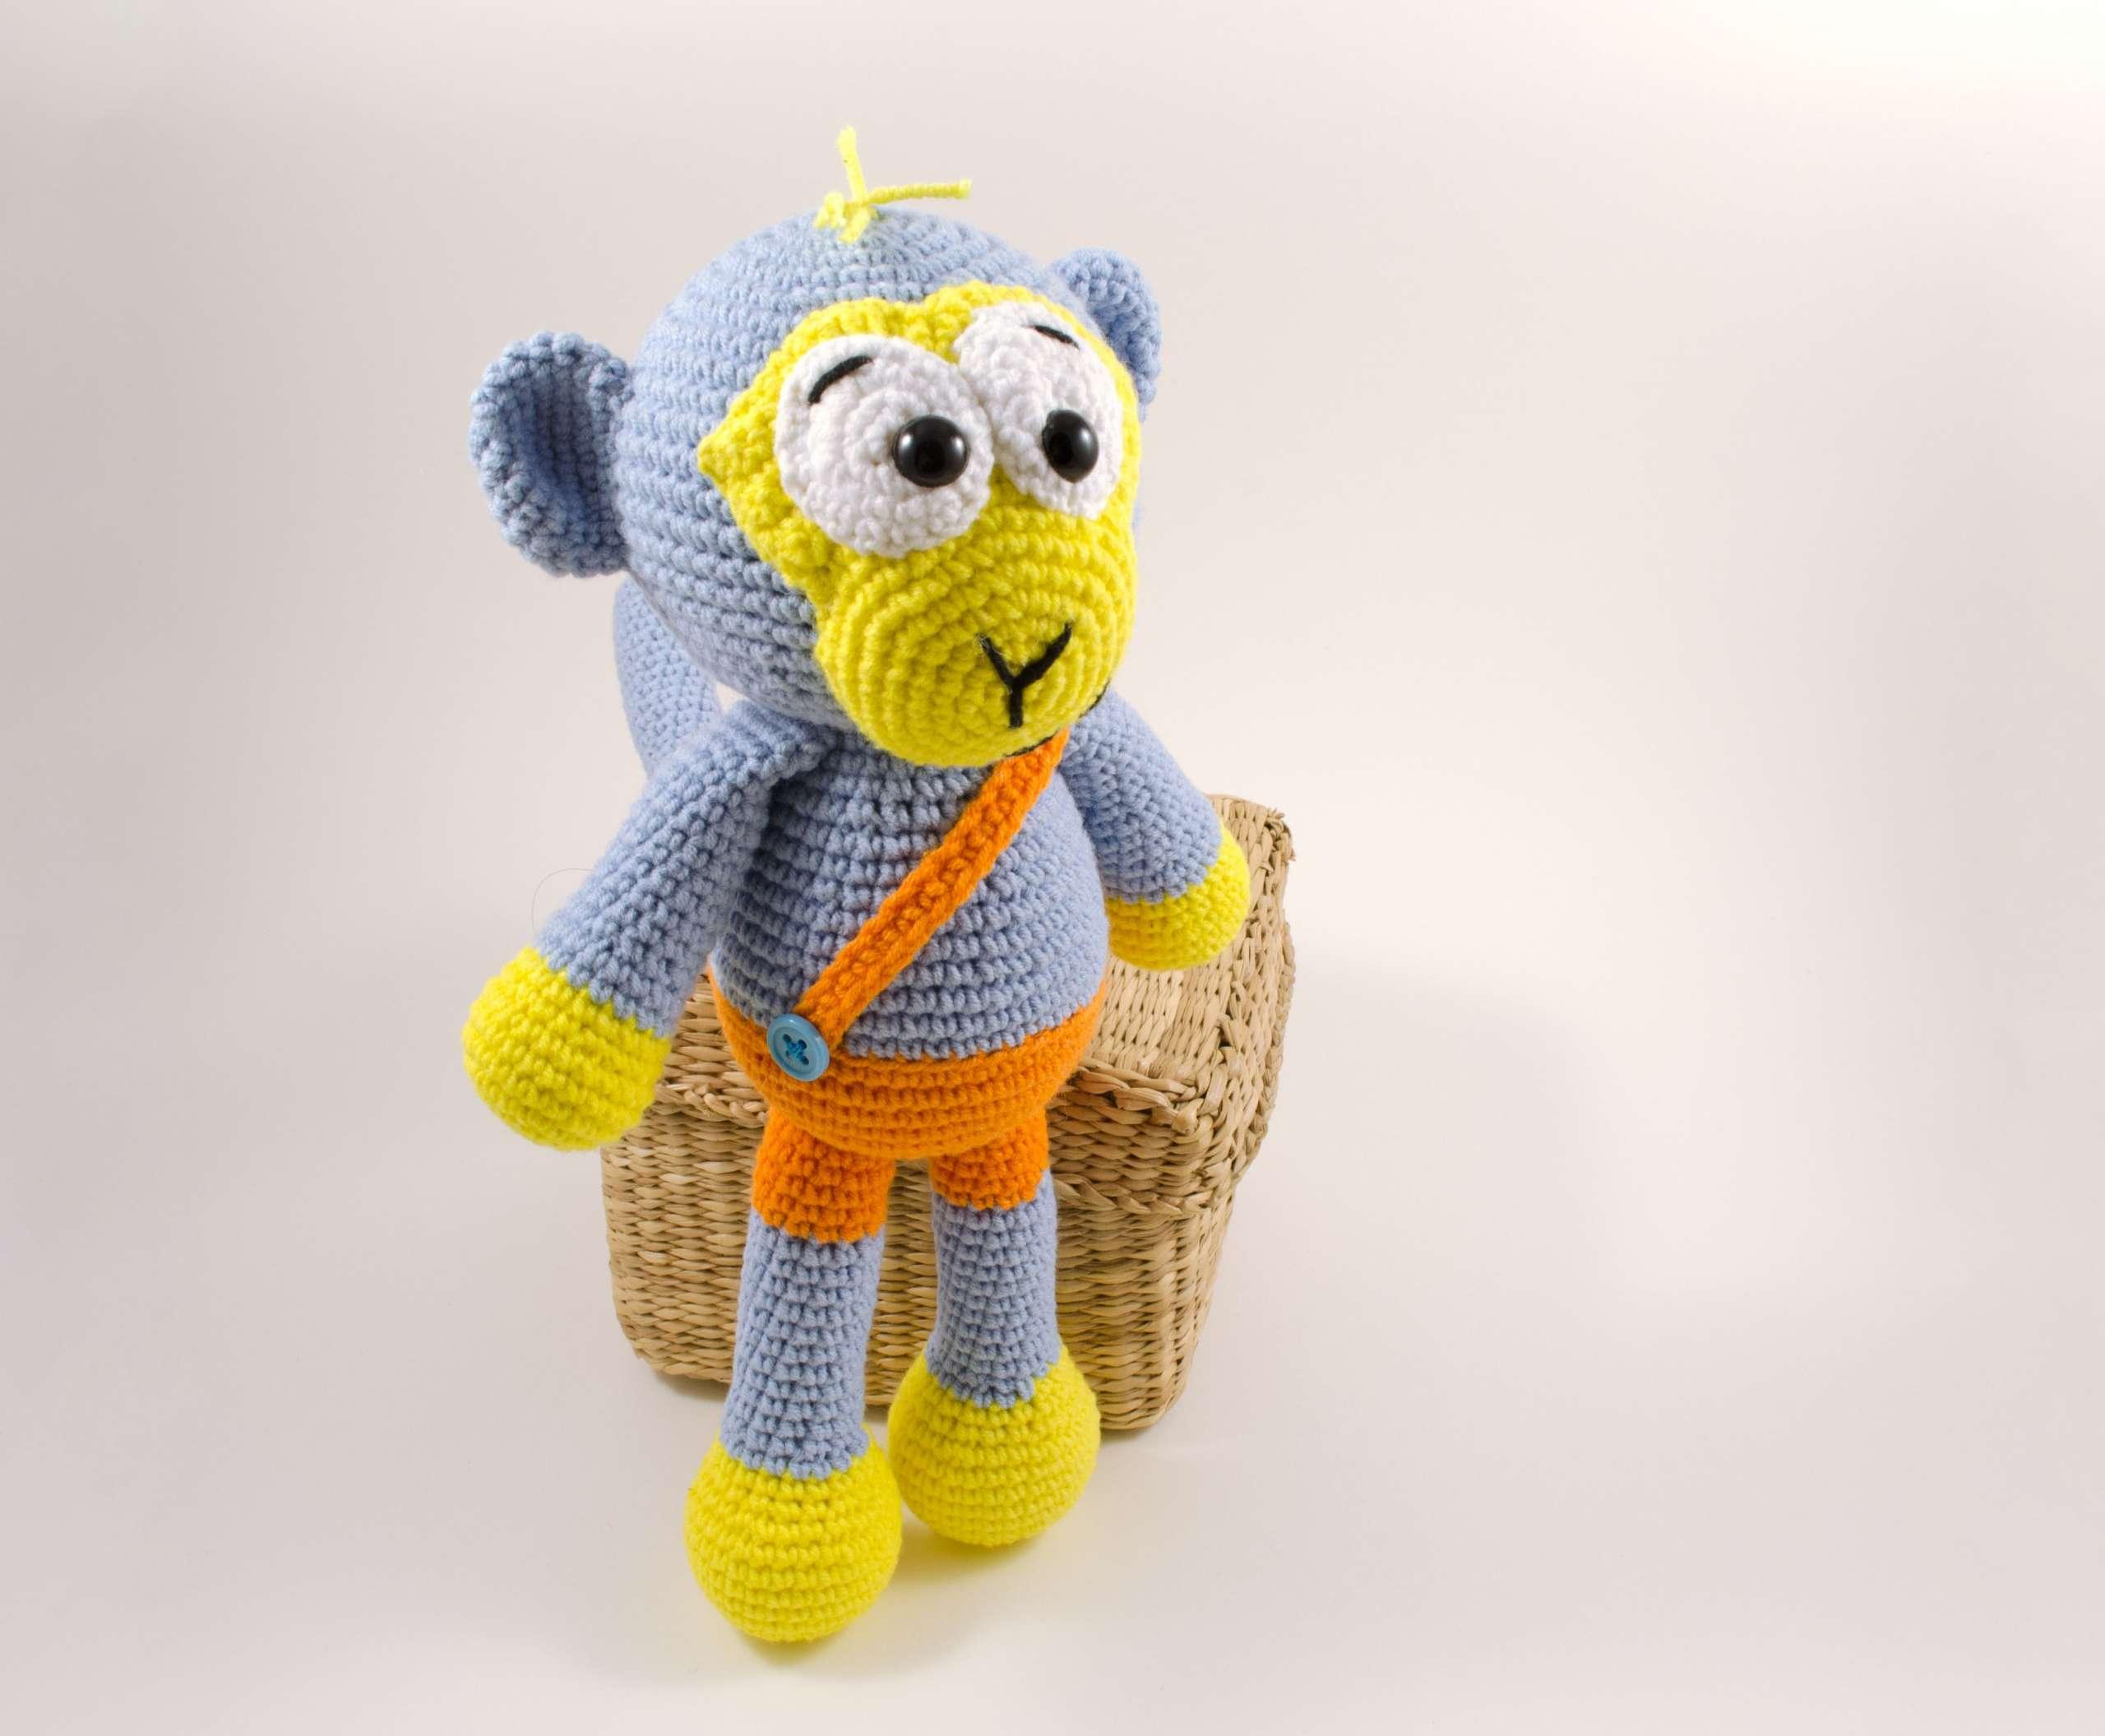 crochet blue monkey side view